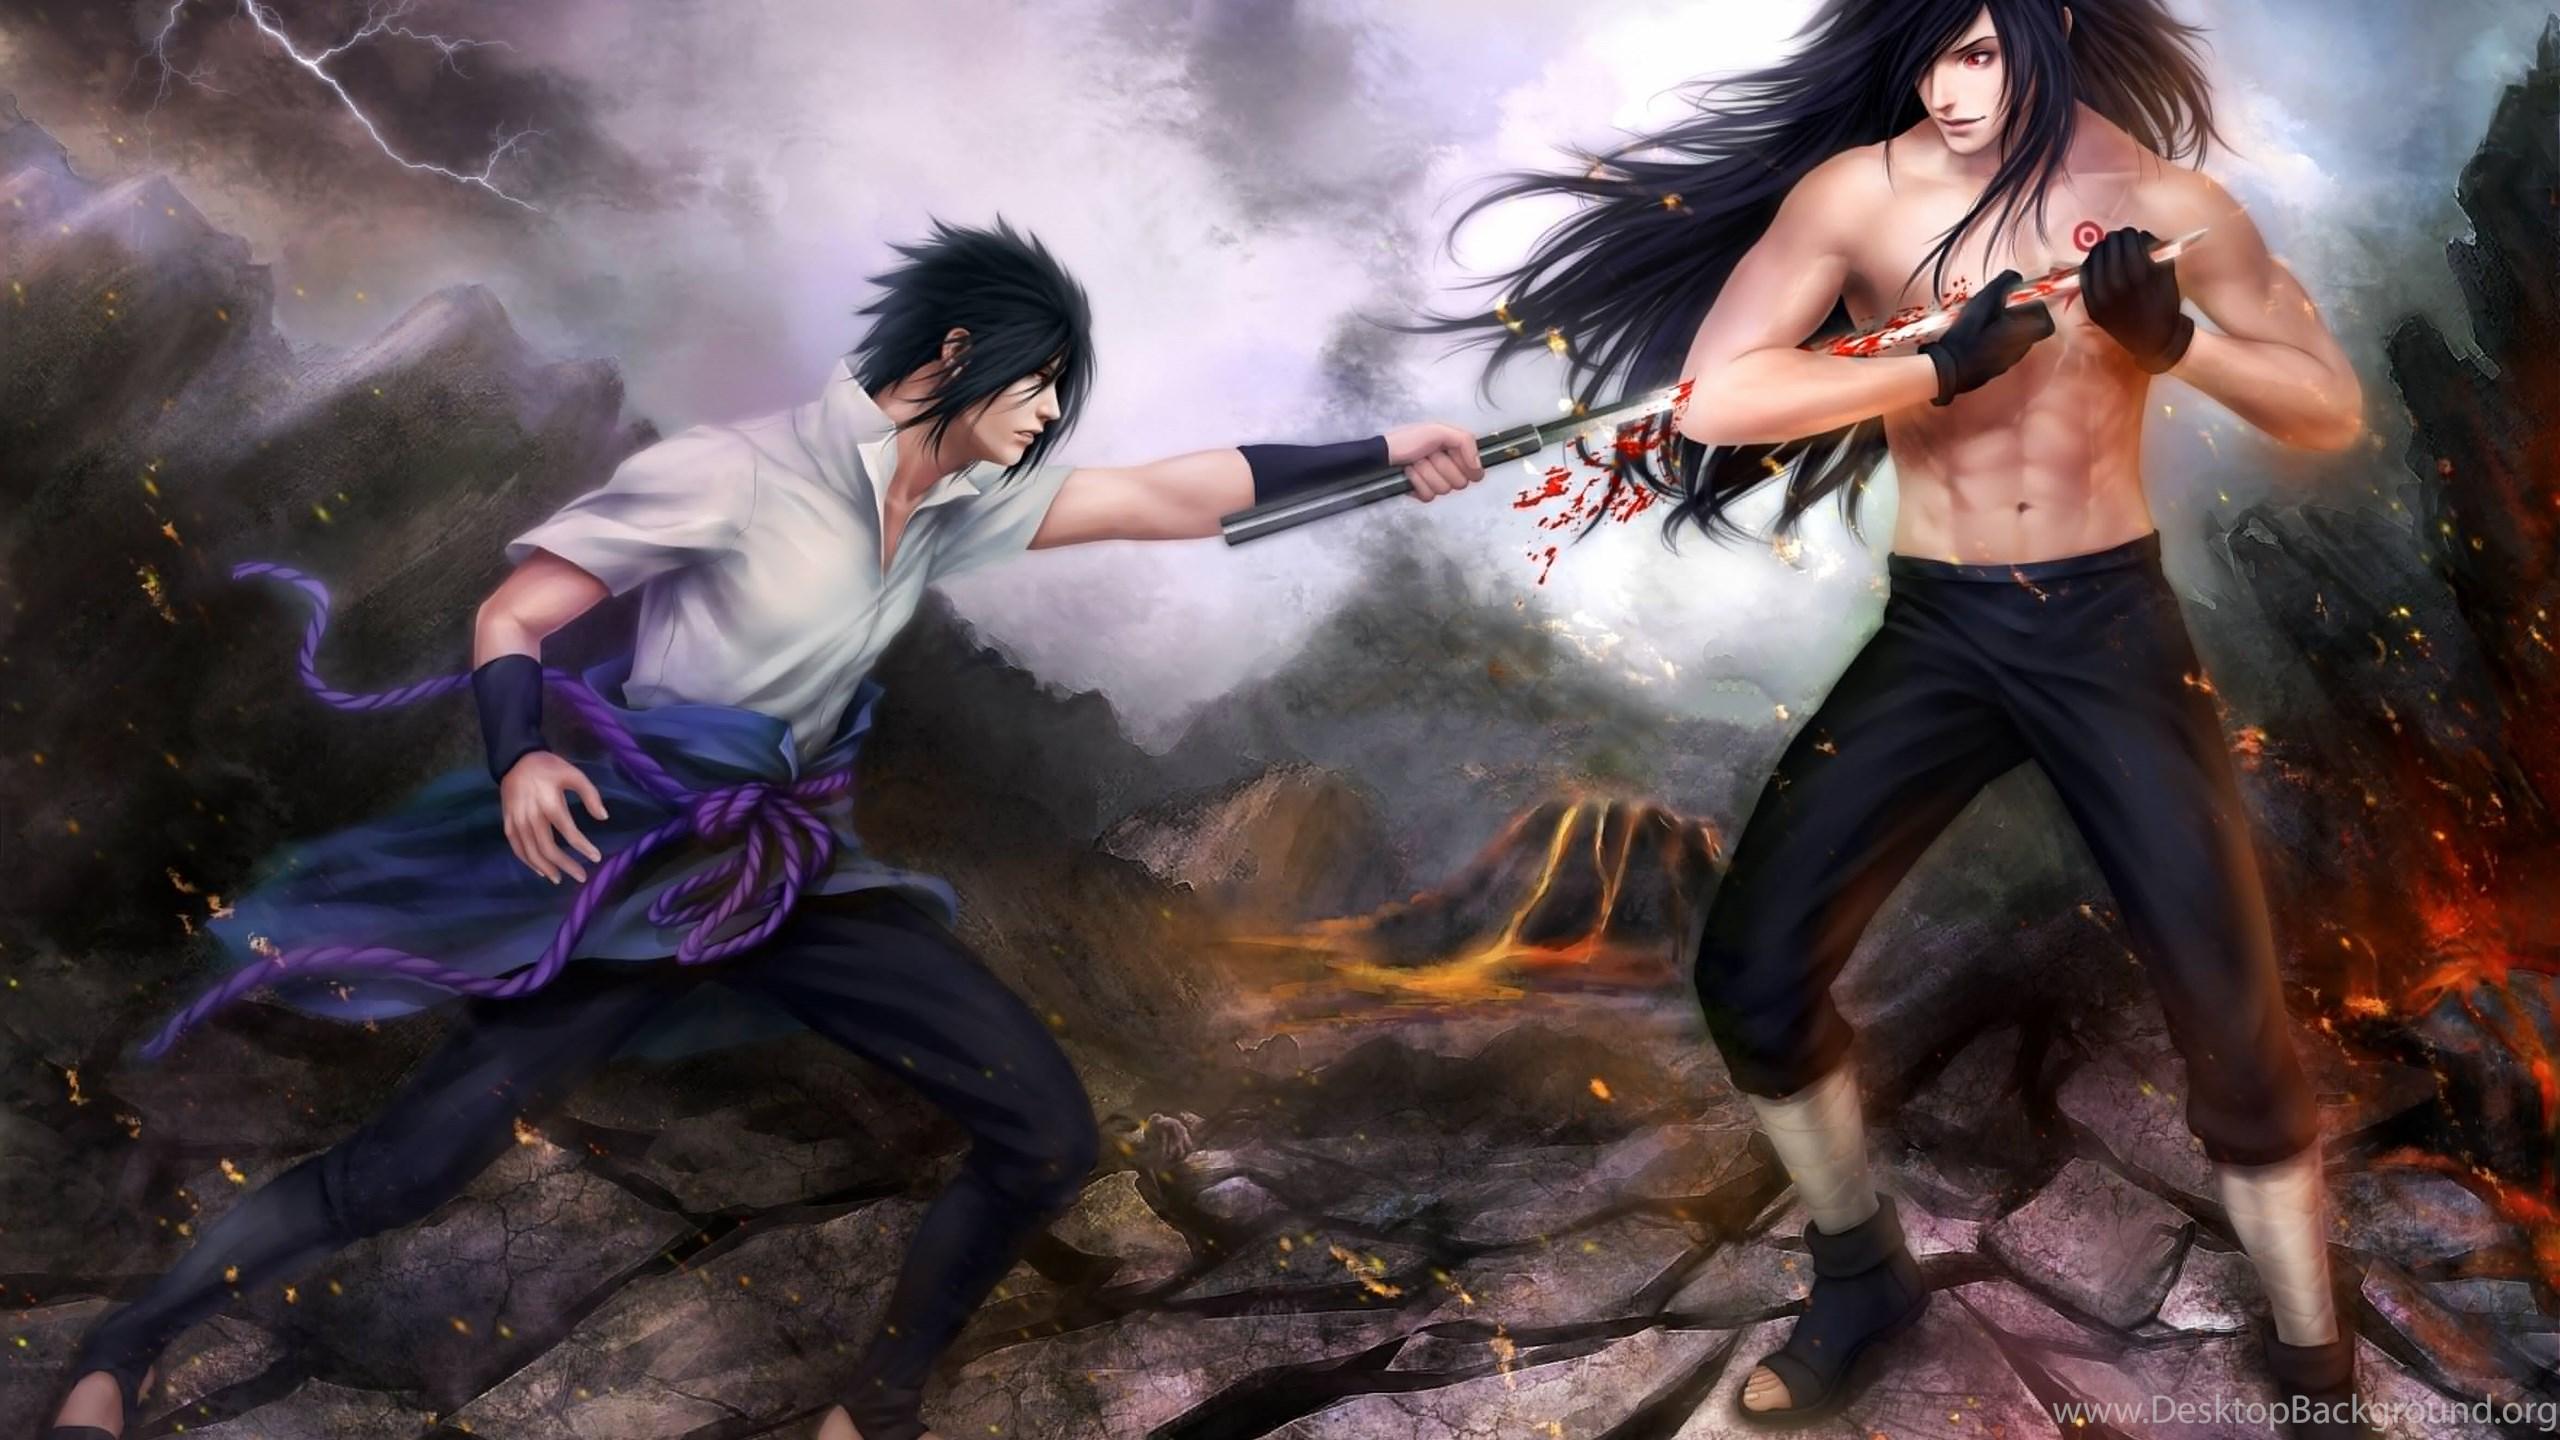 Art Naruto Sasuke Uchiha Madara Uchiha Battle Wallpapers